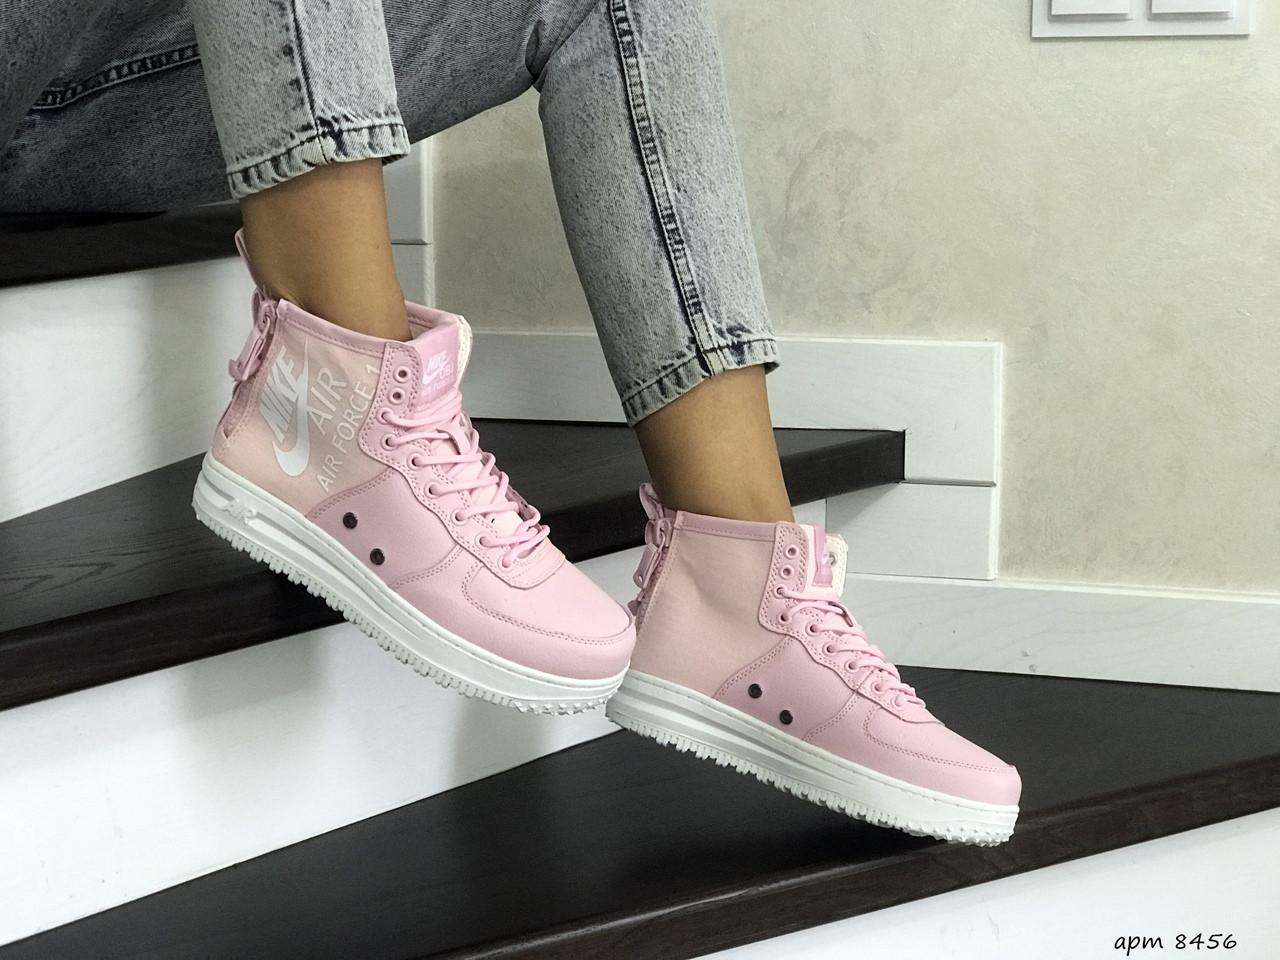 Кроссовки кеды женские кожа нубук найк аир форс розовые повседневные (реплика) Nike Air Force Pink